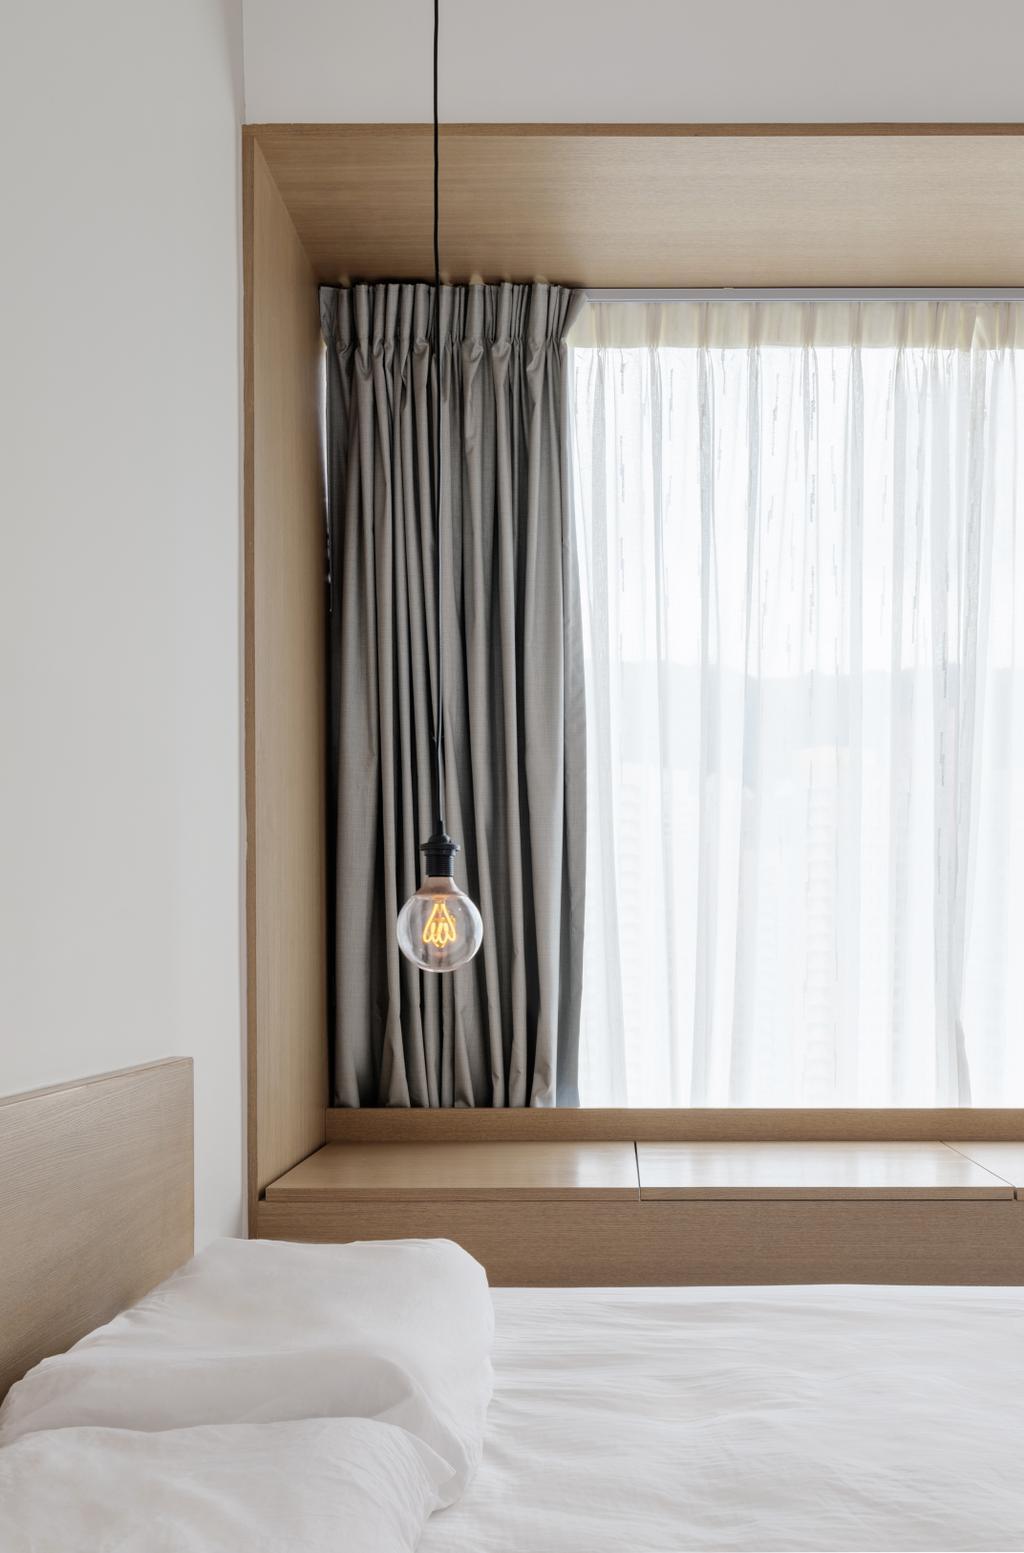 摩登, 私家樓, 睡房, 現崇山, 室內設計師, N'creative, 北歐